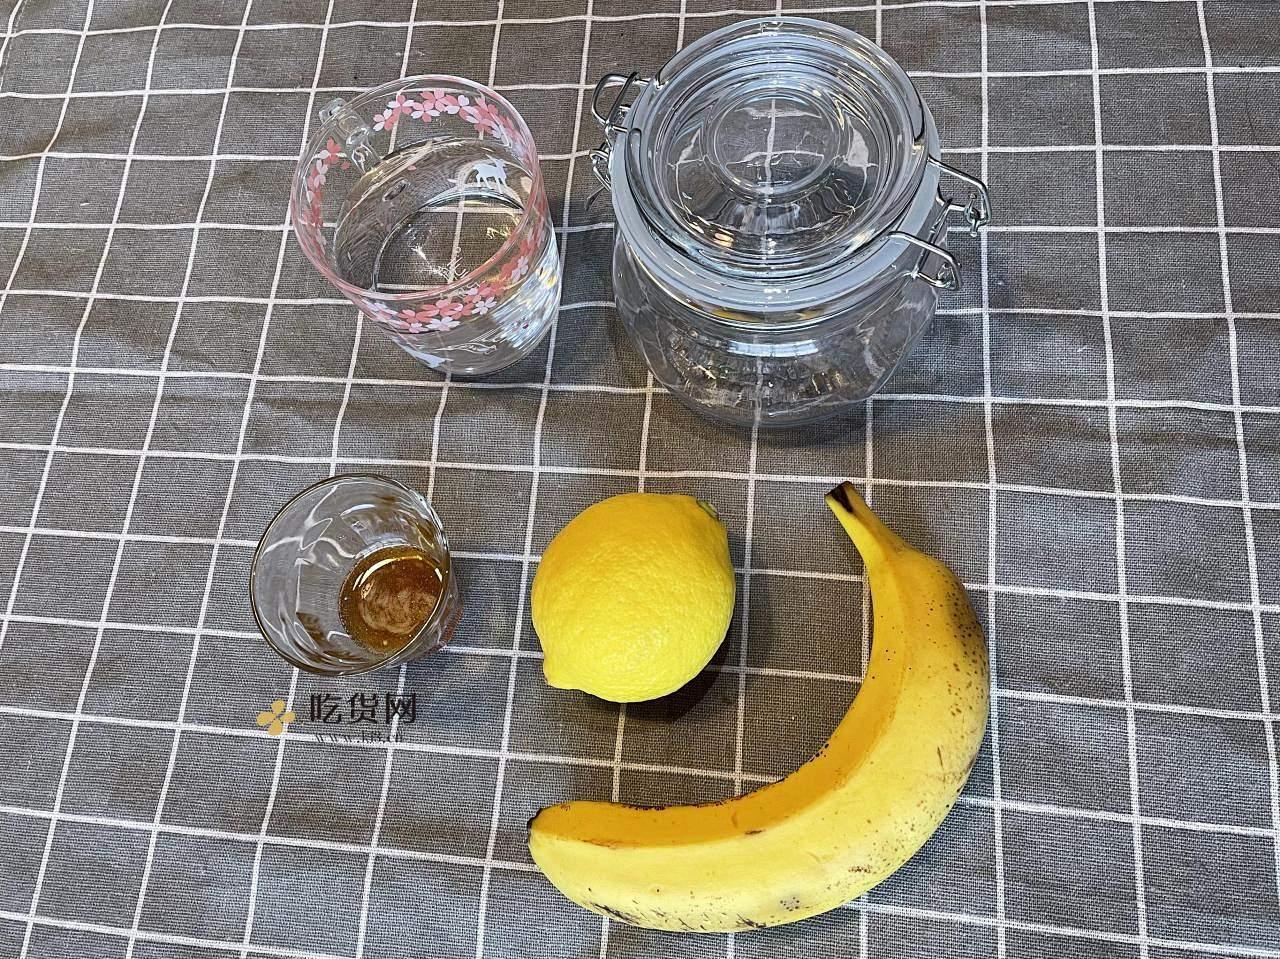 香蕉柠檬蜂蜜水 瘦身的做法 步骤1